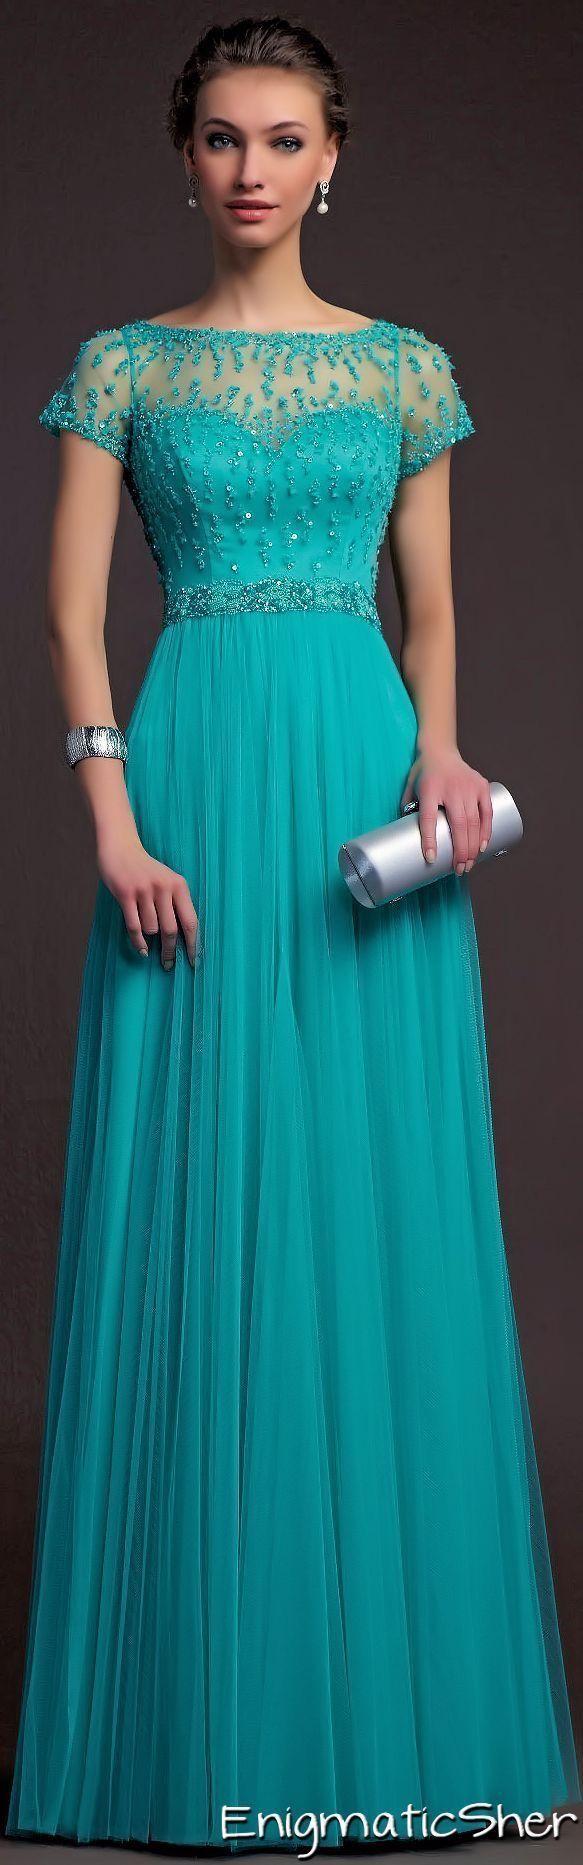 144 besten Otro Bilder auf Pinterest | Abendkleid, Blumenkleider und ...